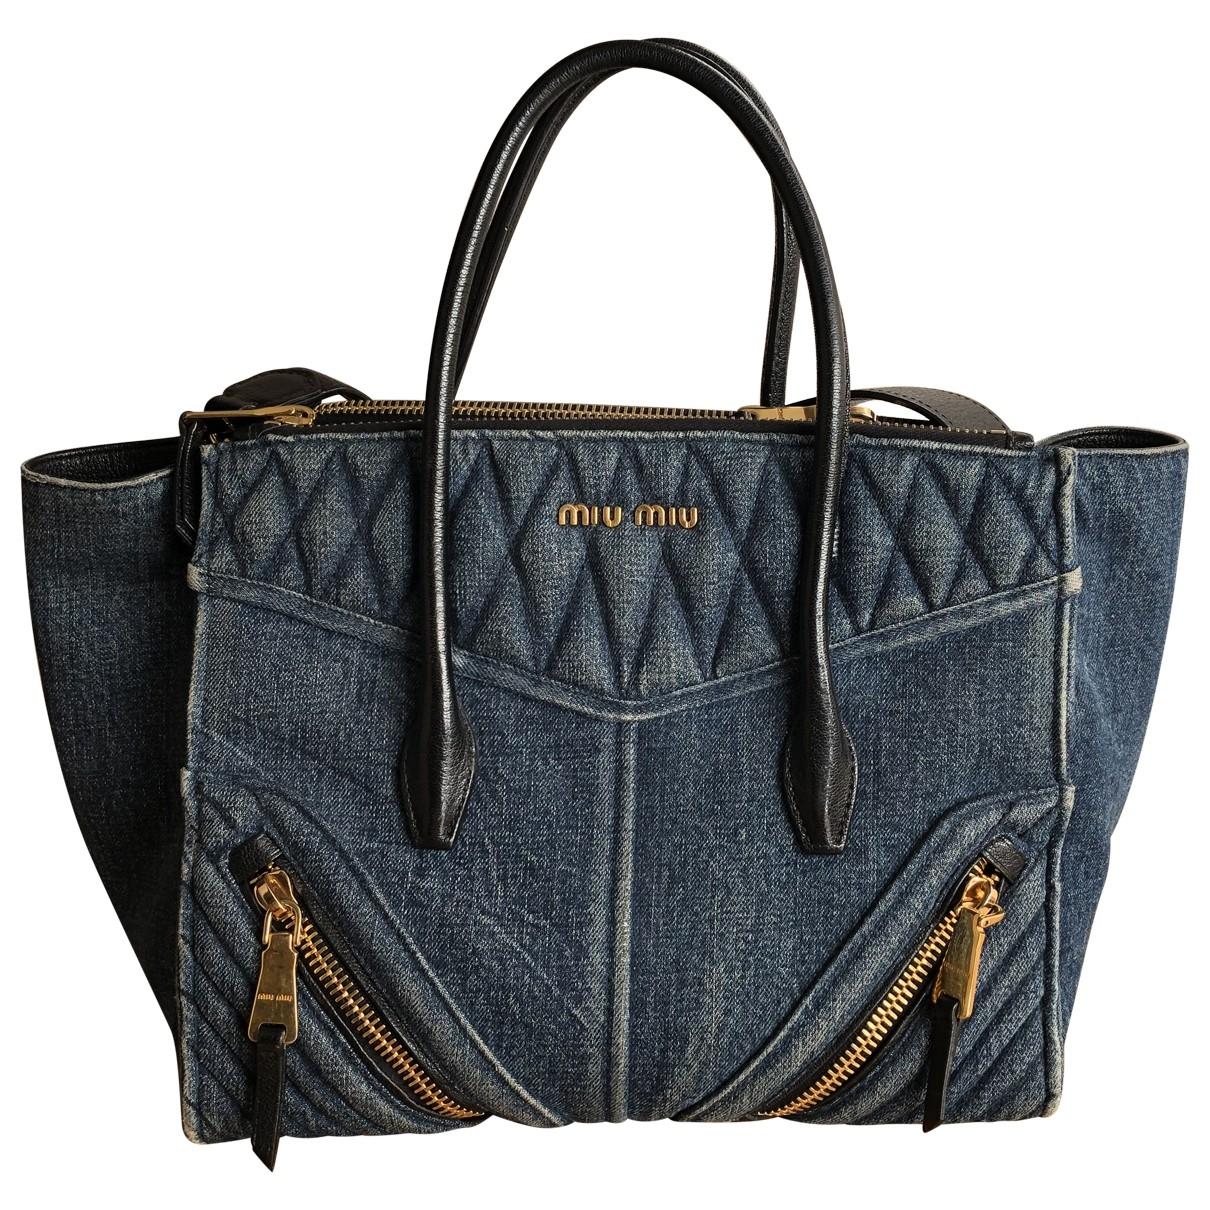 Miu Miu \N Denim - Jeans handbag for Women \N